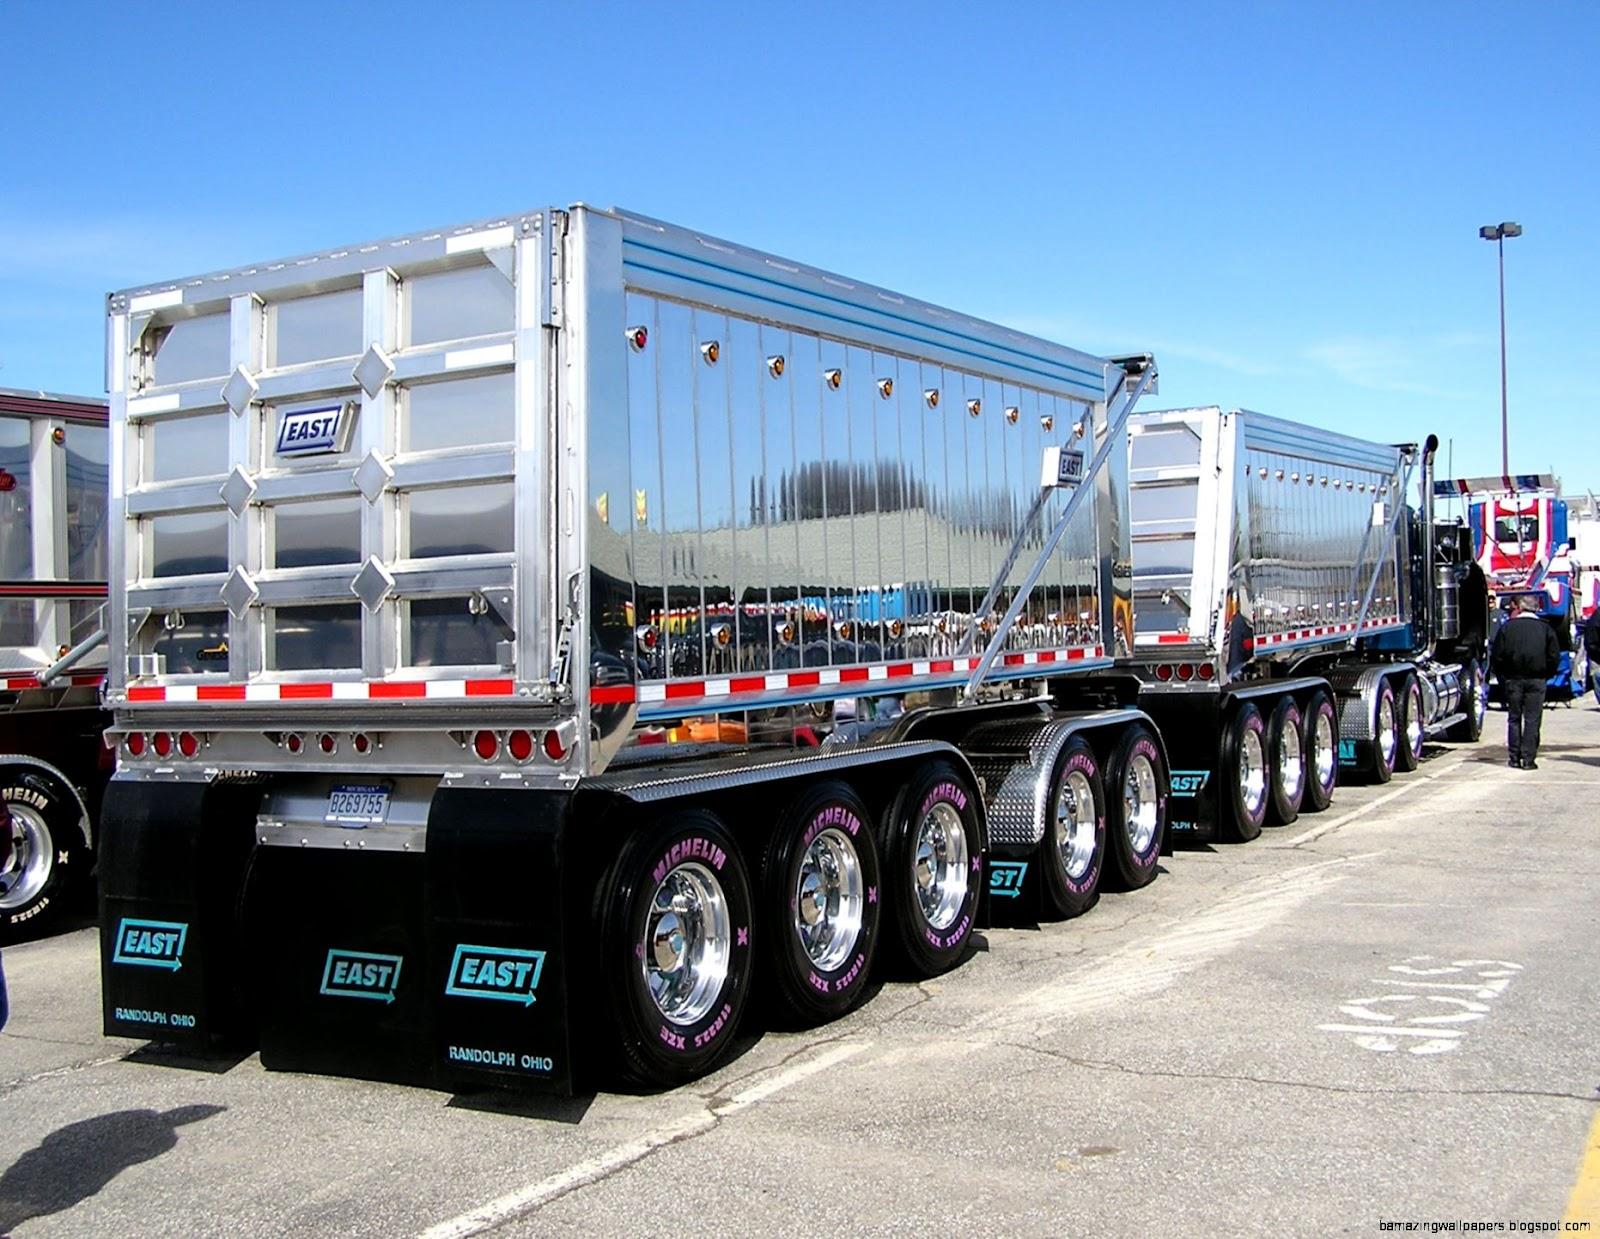 Big Rig Show Trucks Dump